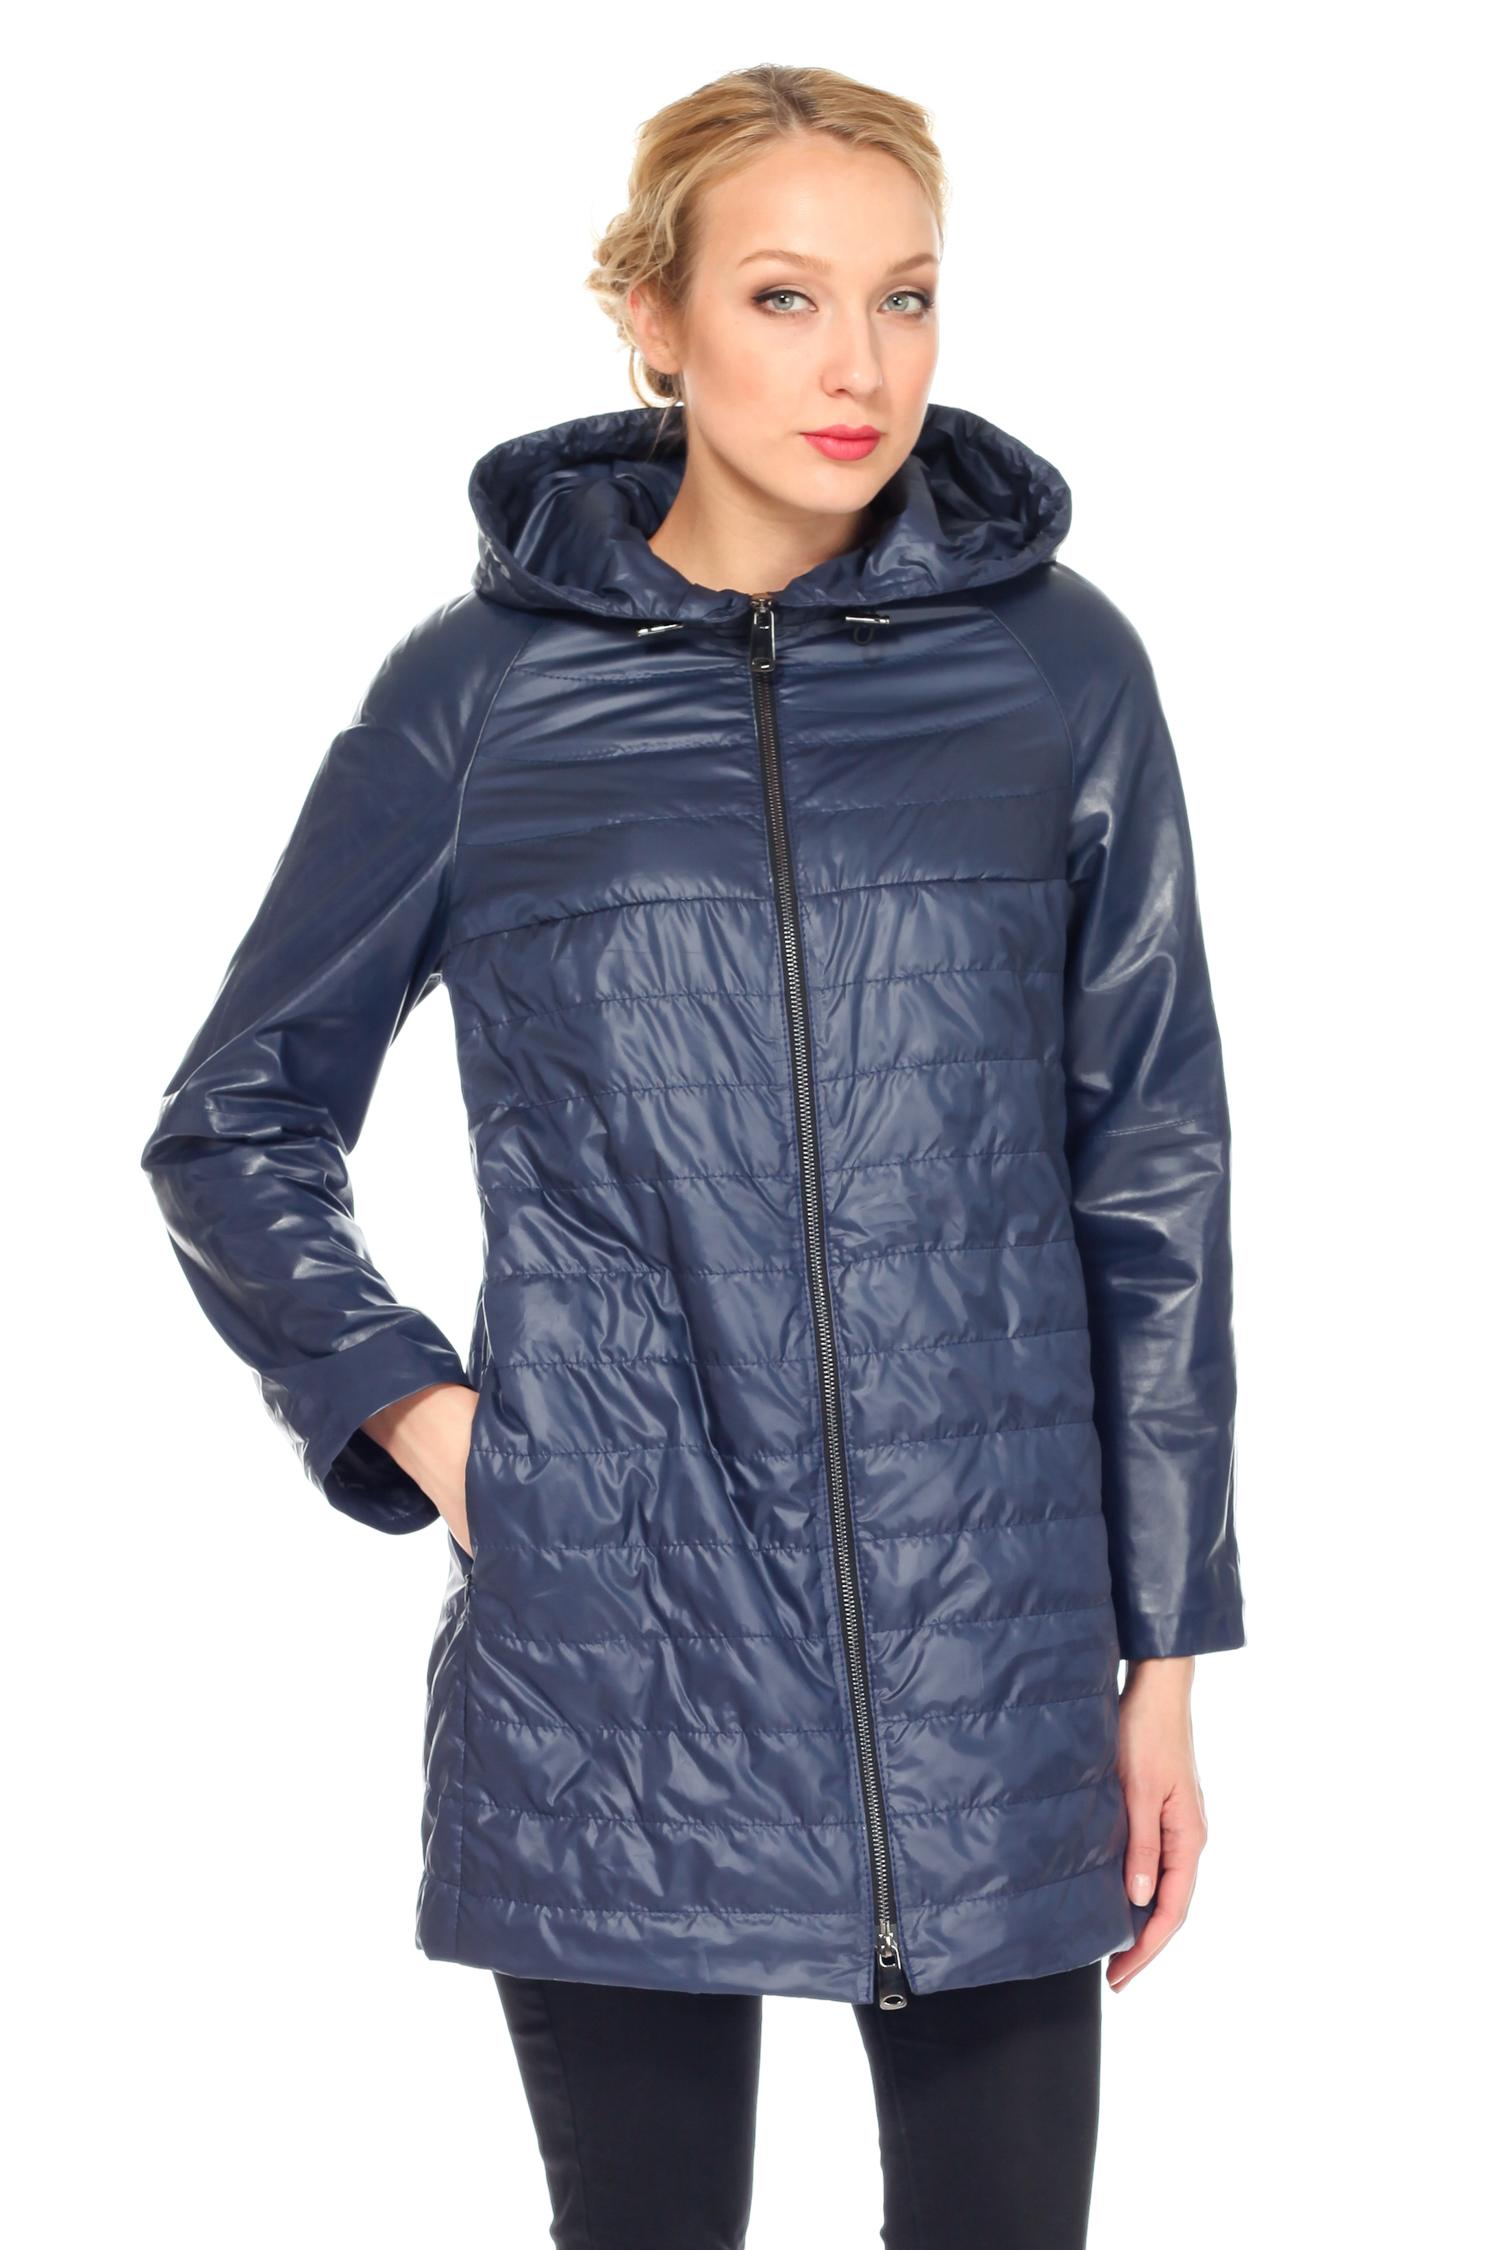 Женская кожаная куртка из натуральной кожи с капюшоном, без отделки<br><br>Воротник: капюшон<br>Длина см: Средняя (75-89 )<br>Материал: Кожа овчина<br>Цвет: синий<br>Вид застежки: центральная<br>Застежка: на молнии<br>Пол: Женский<br>Размер RU: 52